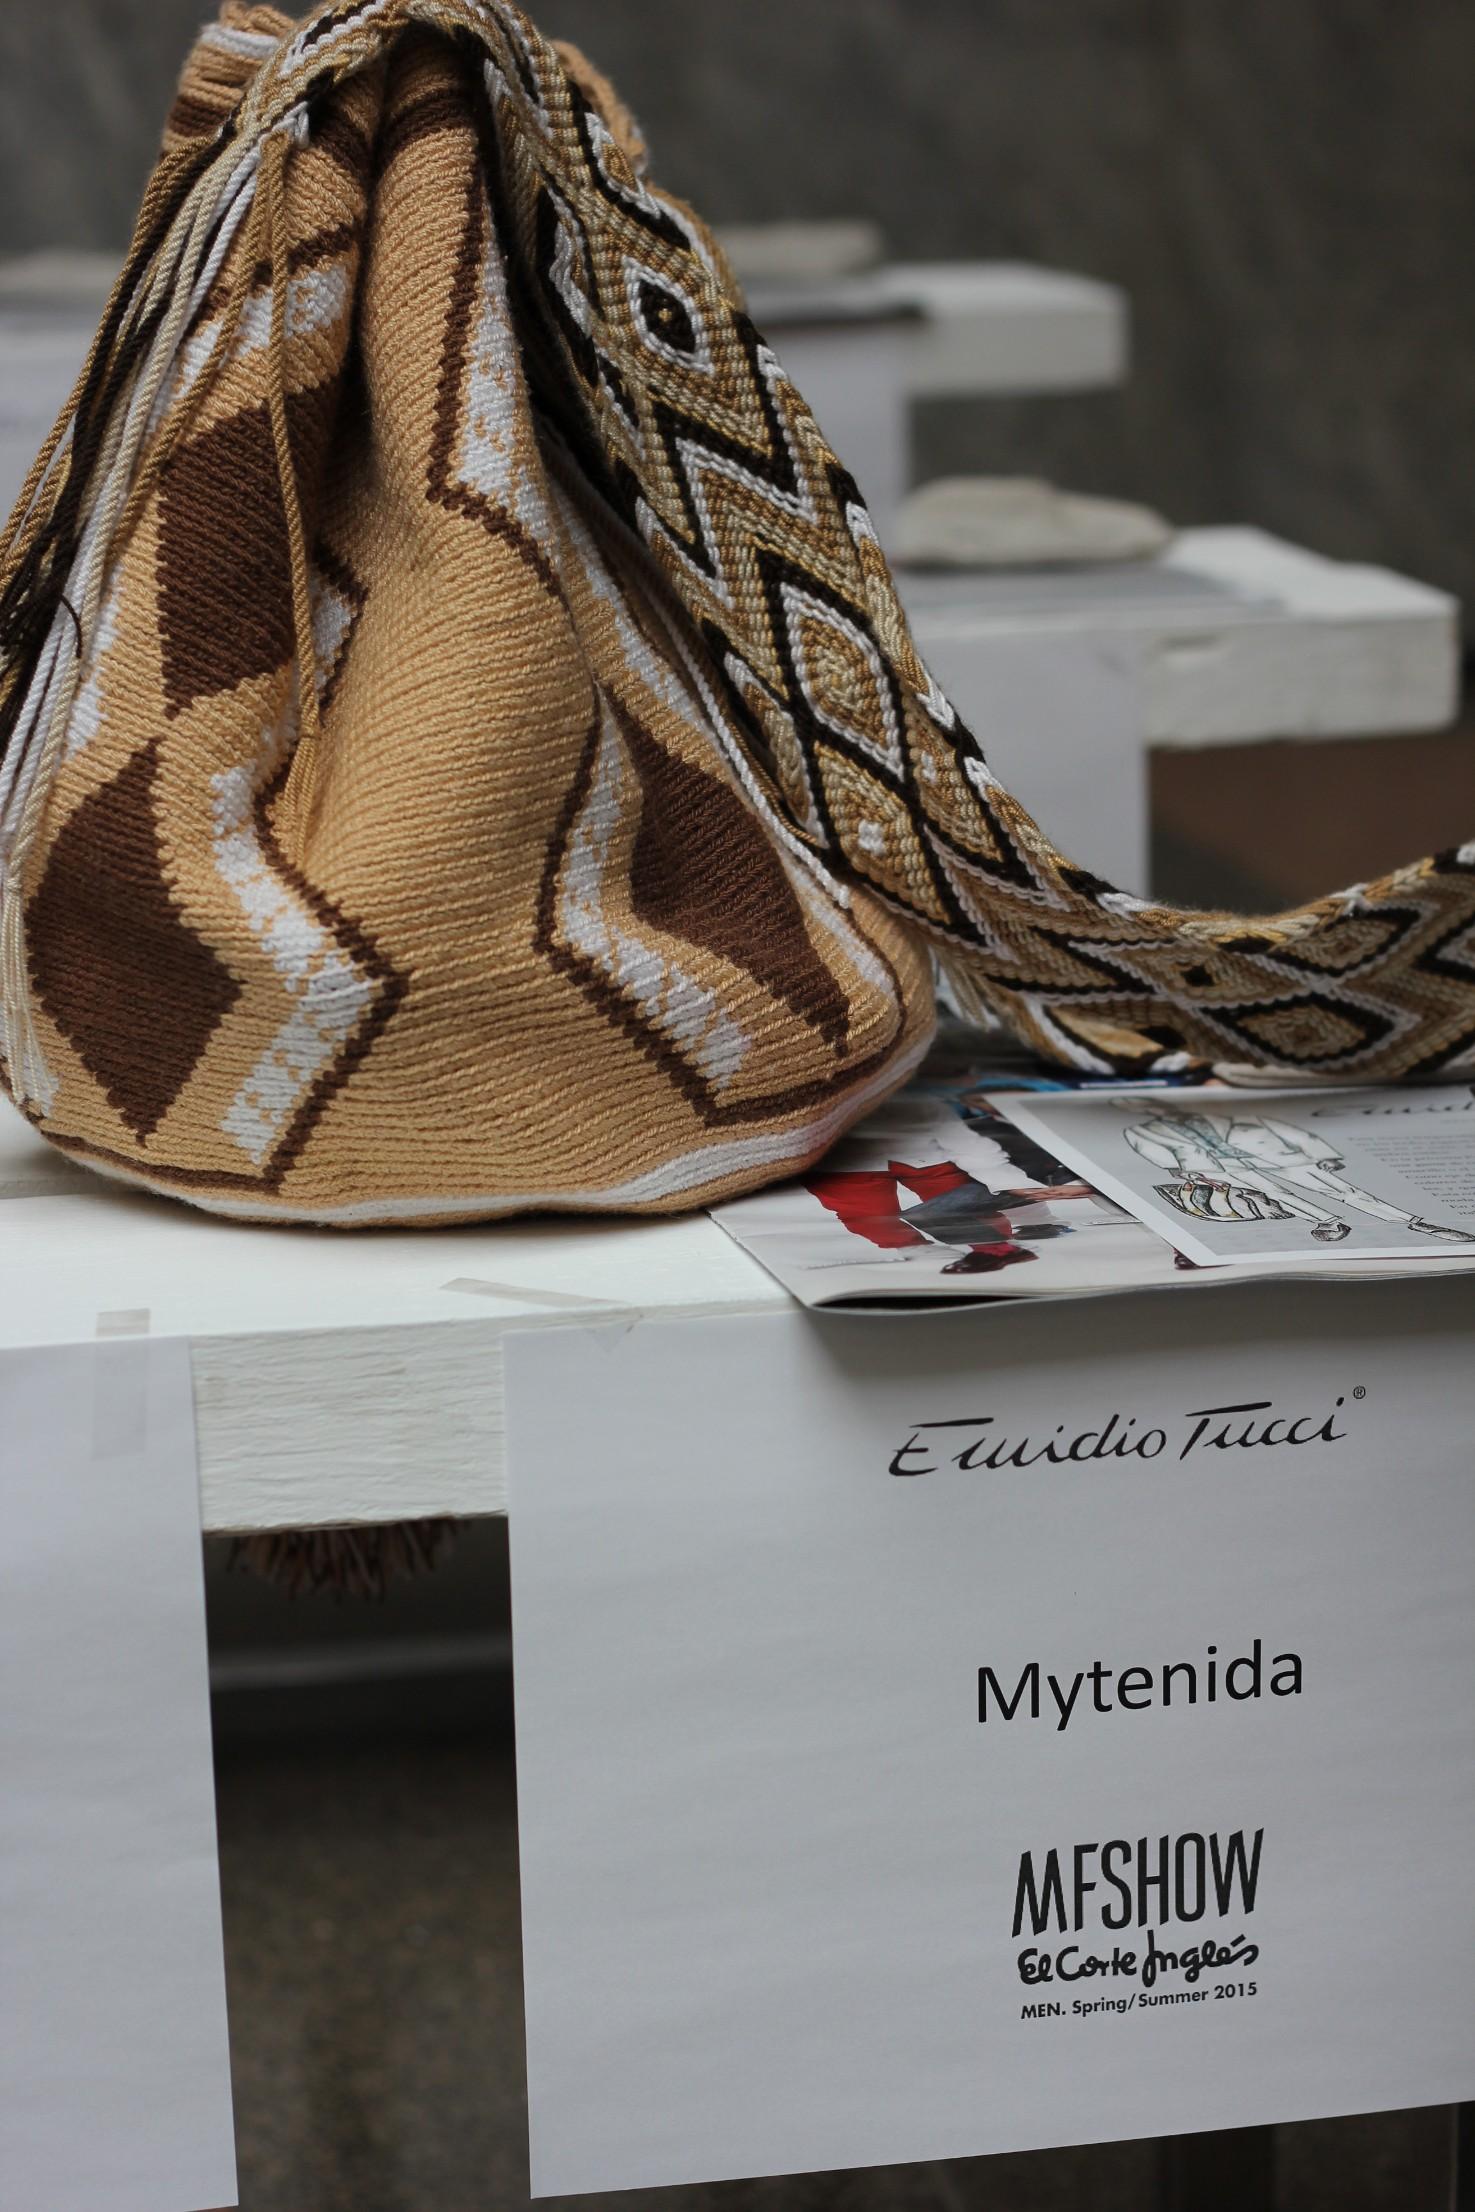 MFSHOW MEN Emidio Tucci-56904-mytenida